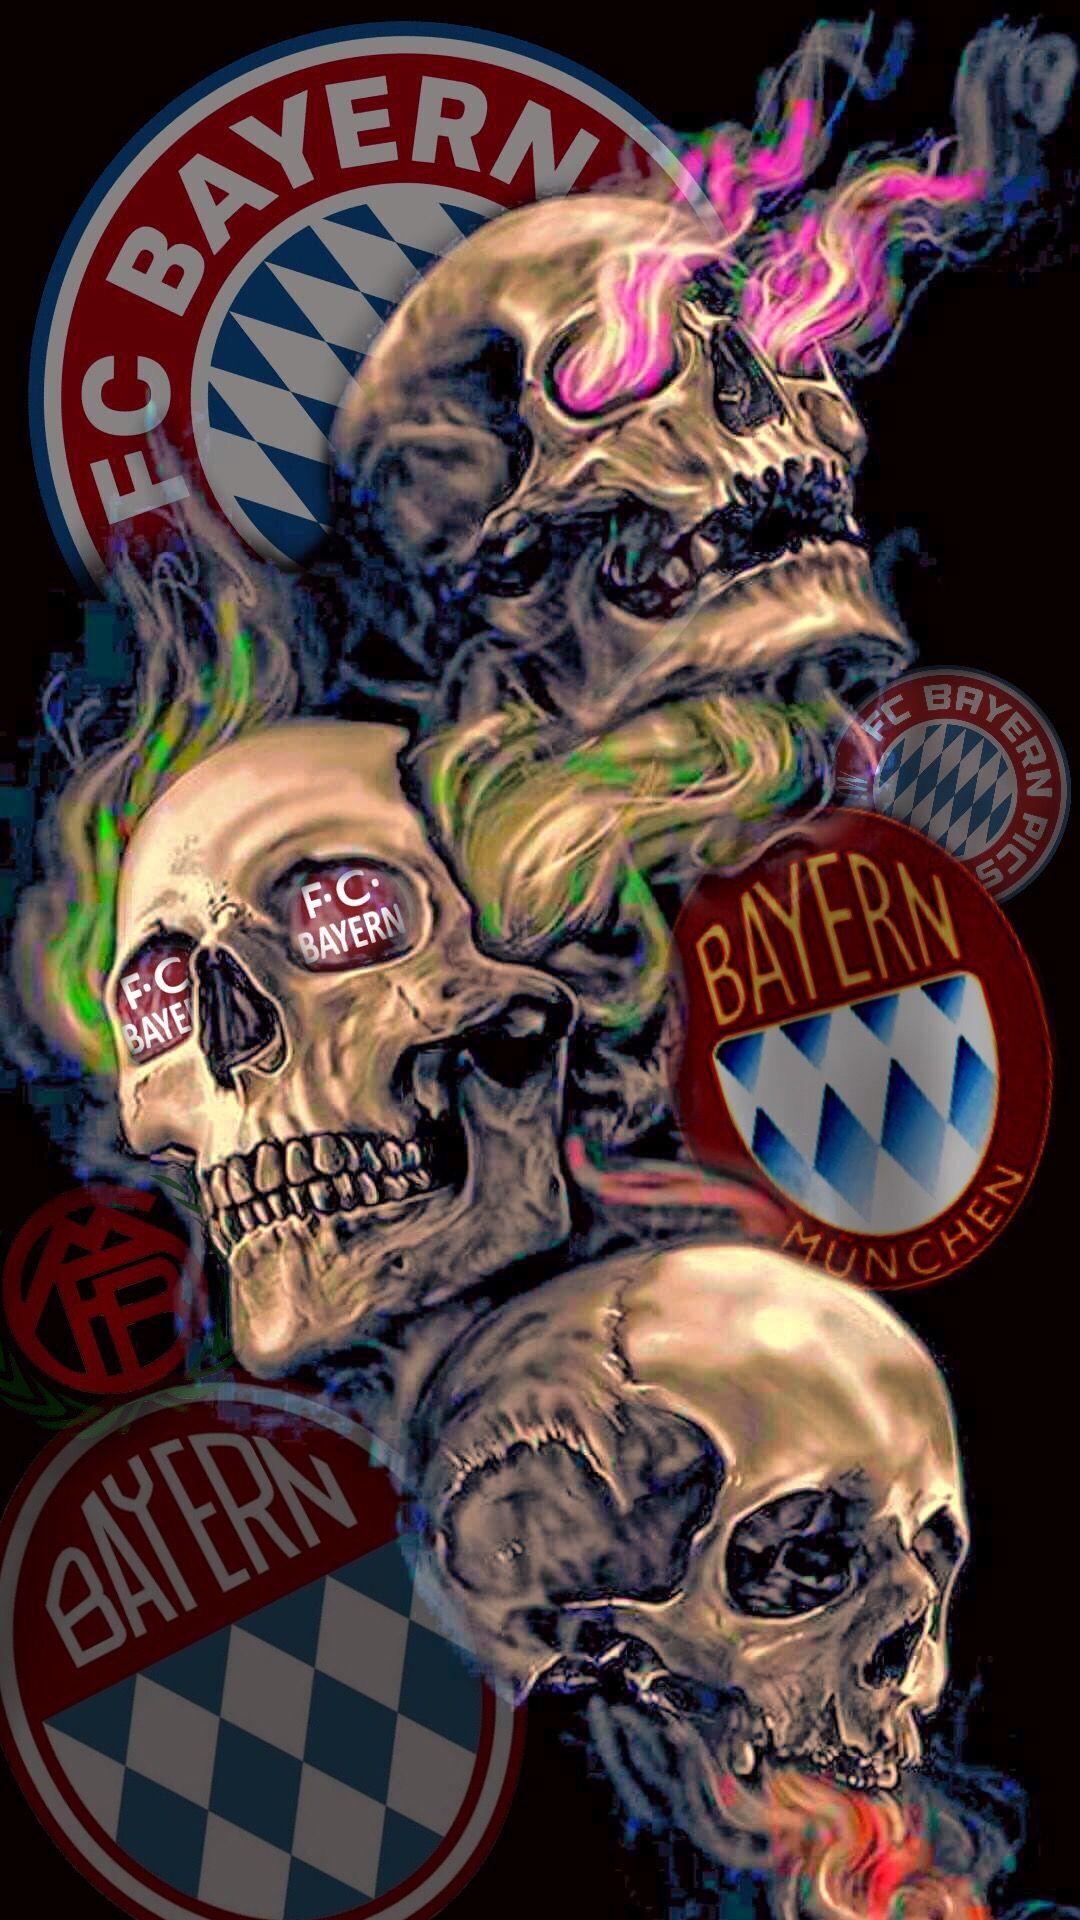 Pin By Faisal Mohd On Art Fc Bayern München 1 Fc Bayern München